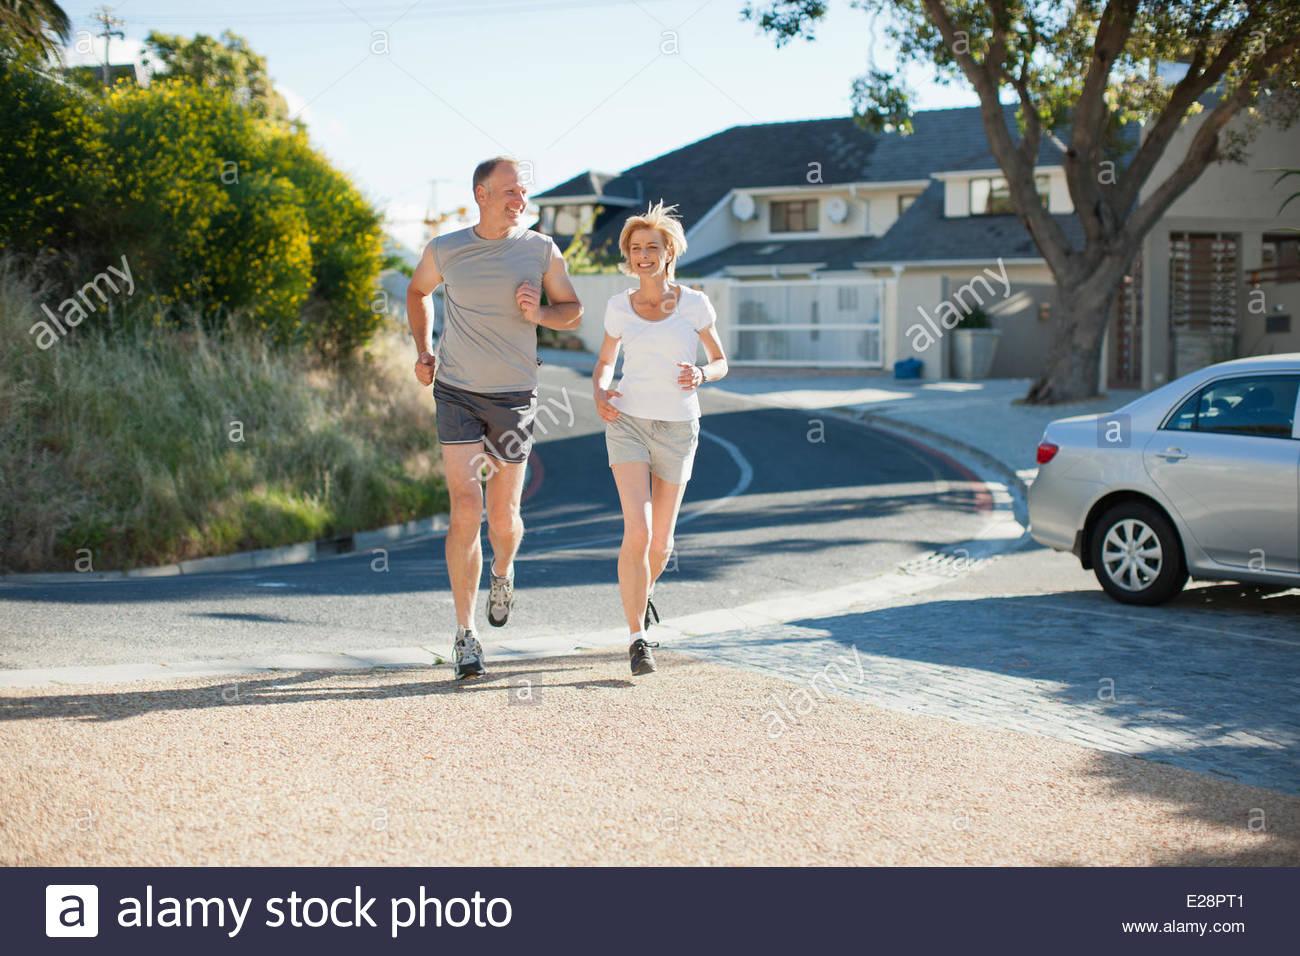 Paar in Nachbarschaft zum Joggen Stockbild